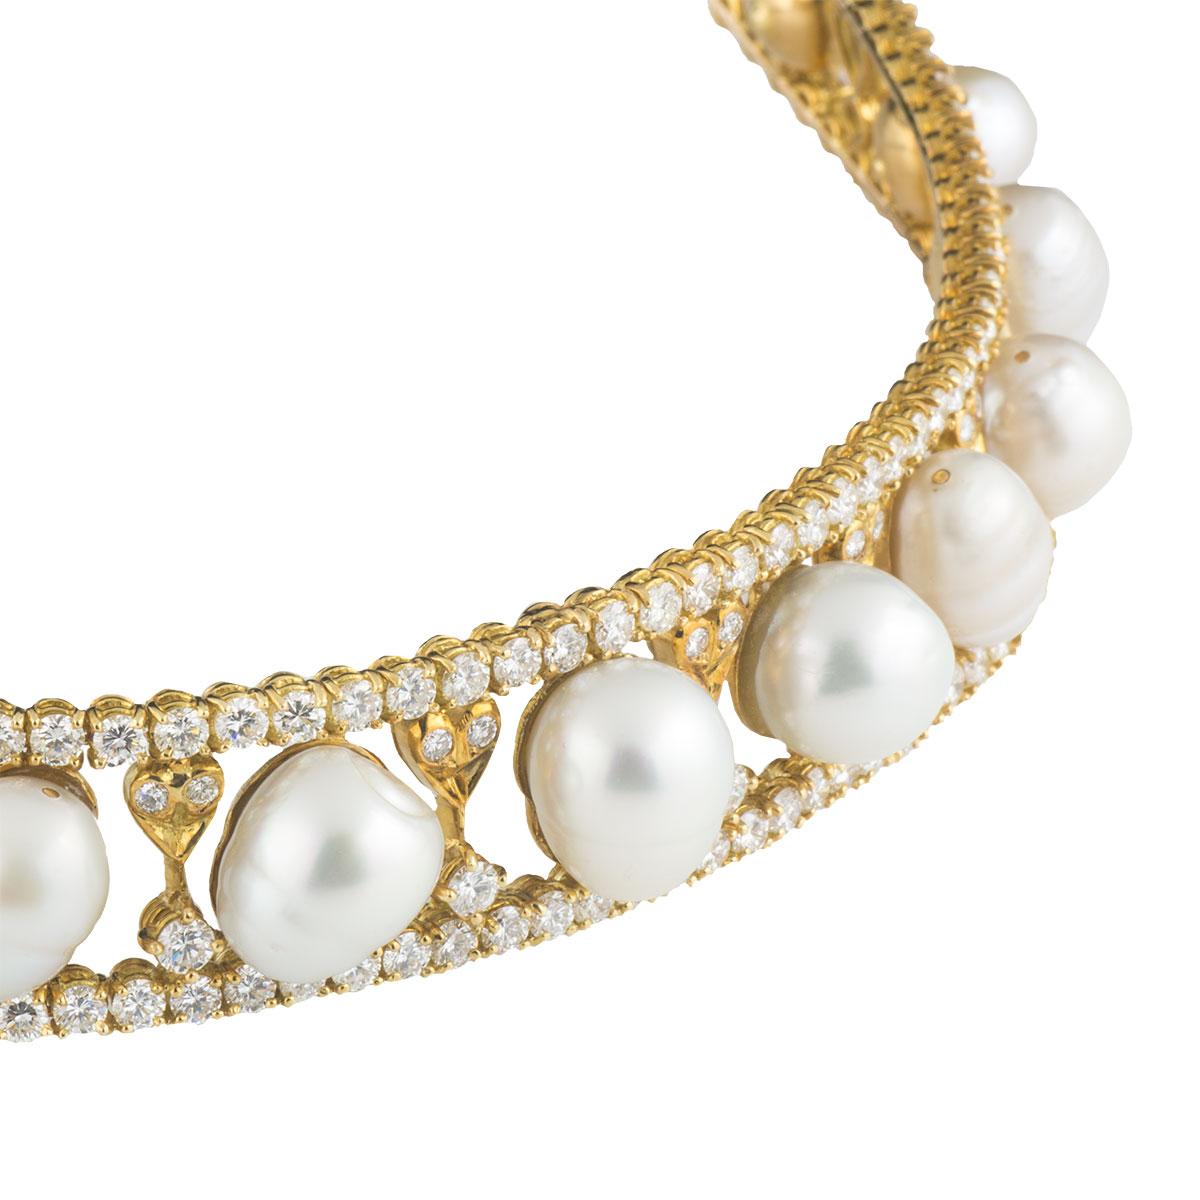 Yellow Gold Diamond and Pearl Tiara